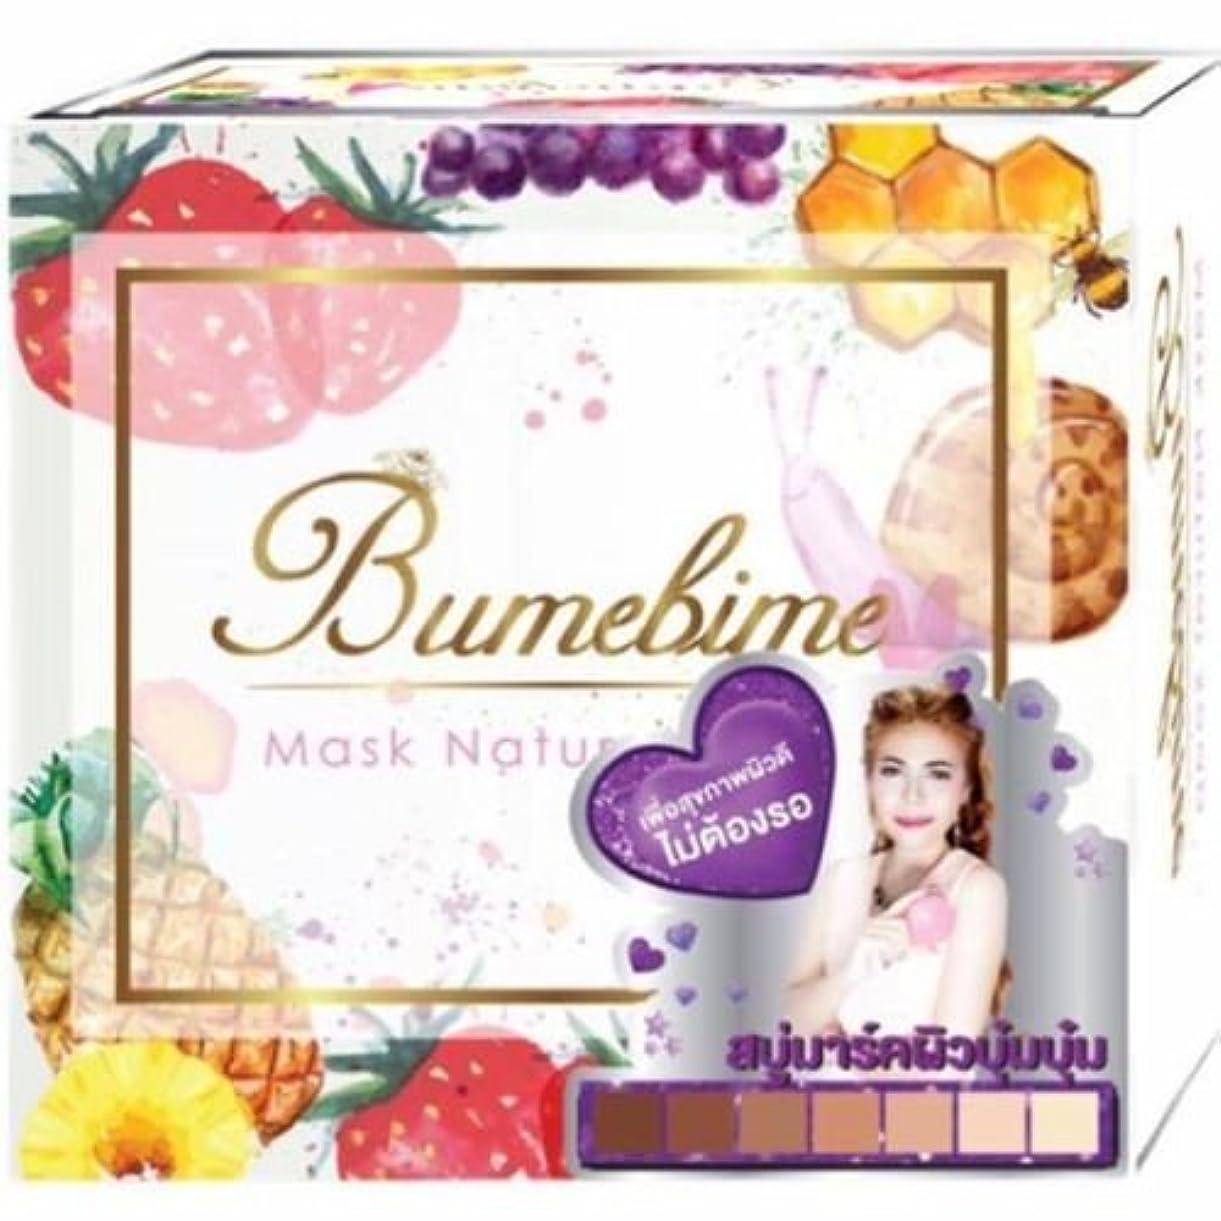 メロディアスブルームアクセシブル(1?x 100?g) bumebimeマスクNatural SoapスキンボディWhitening byトリプルW Shop